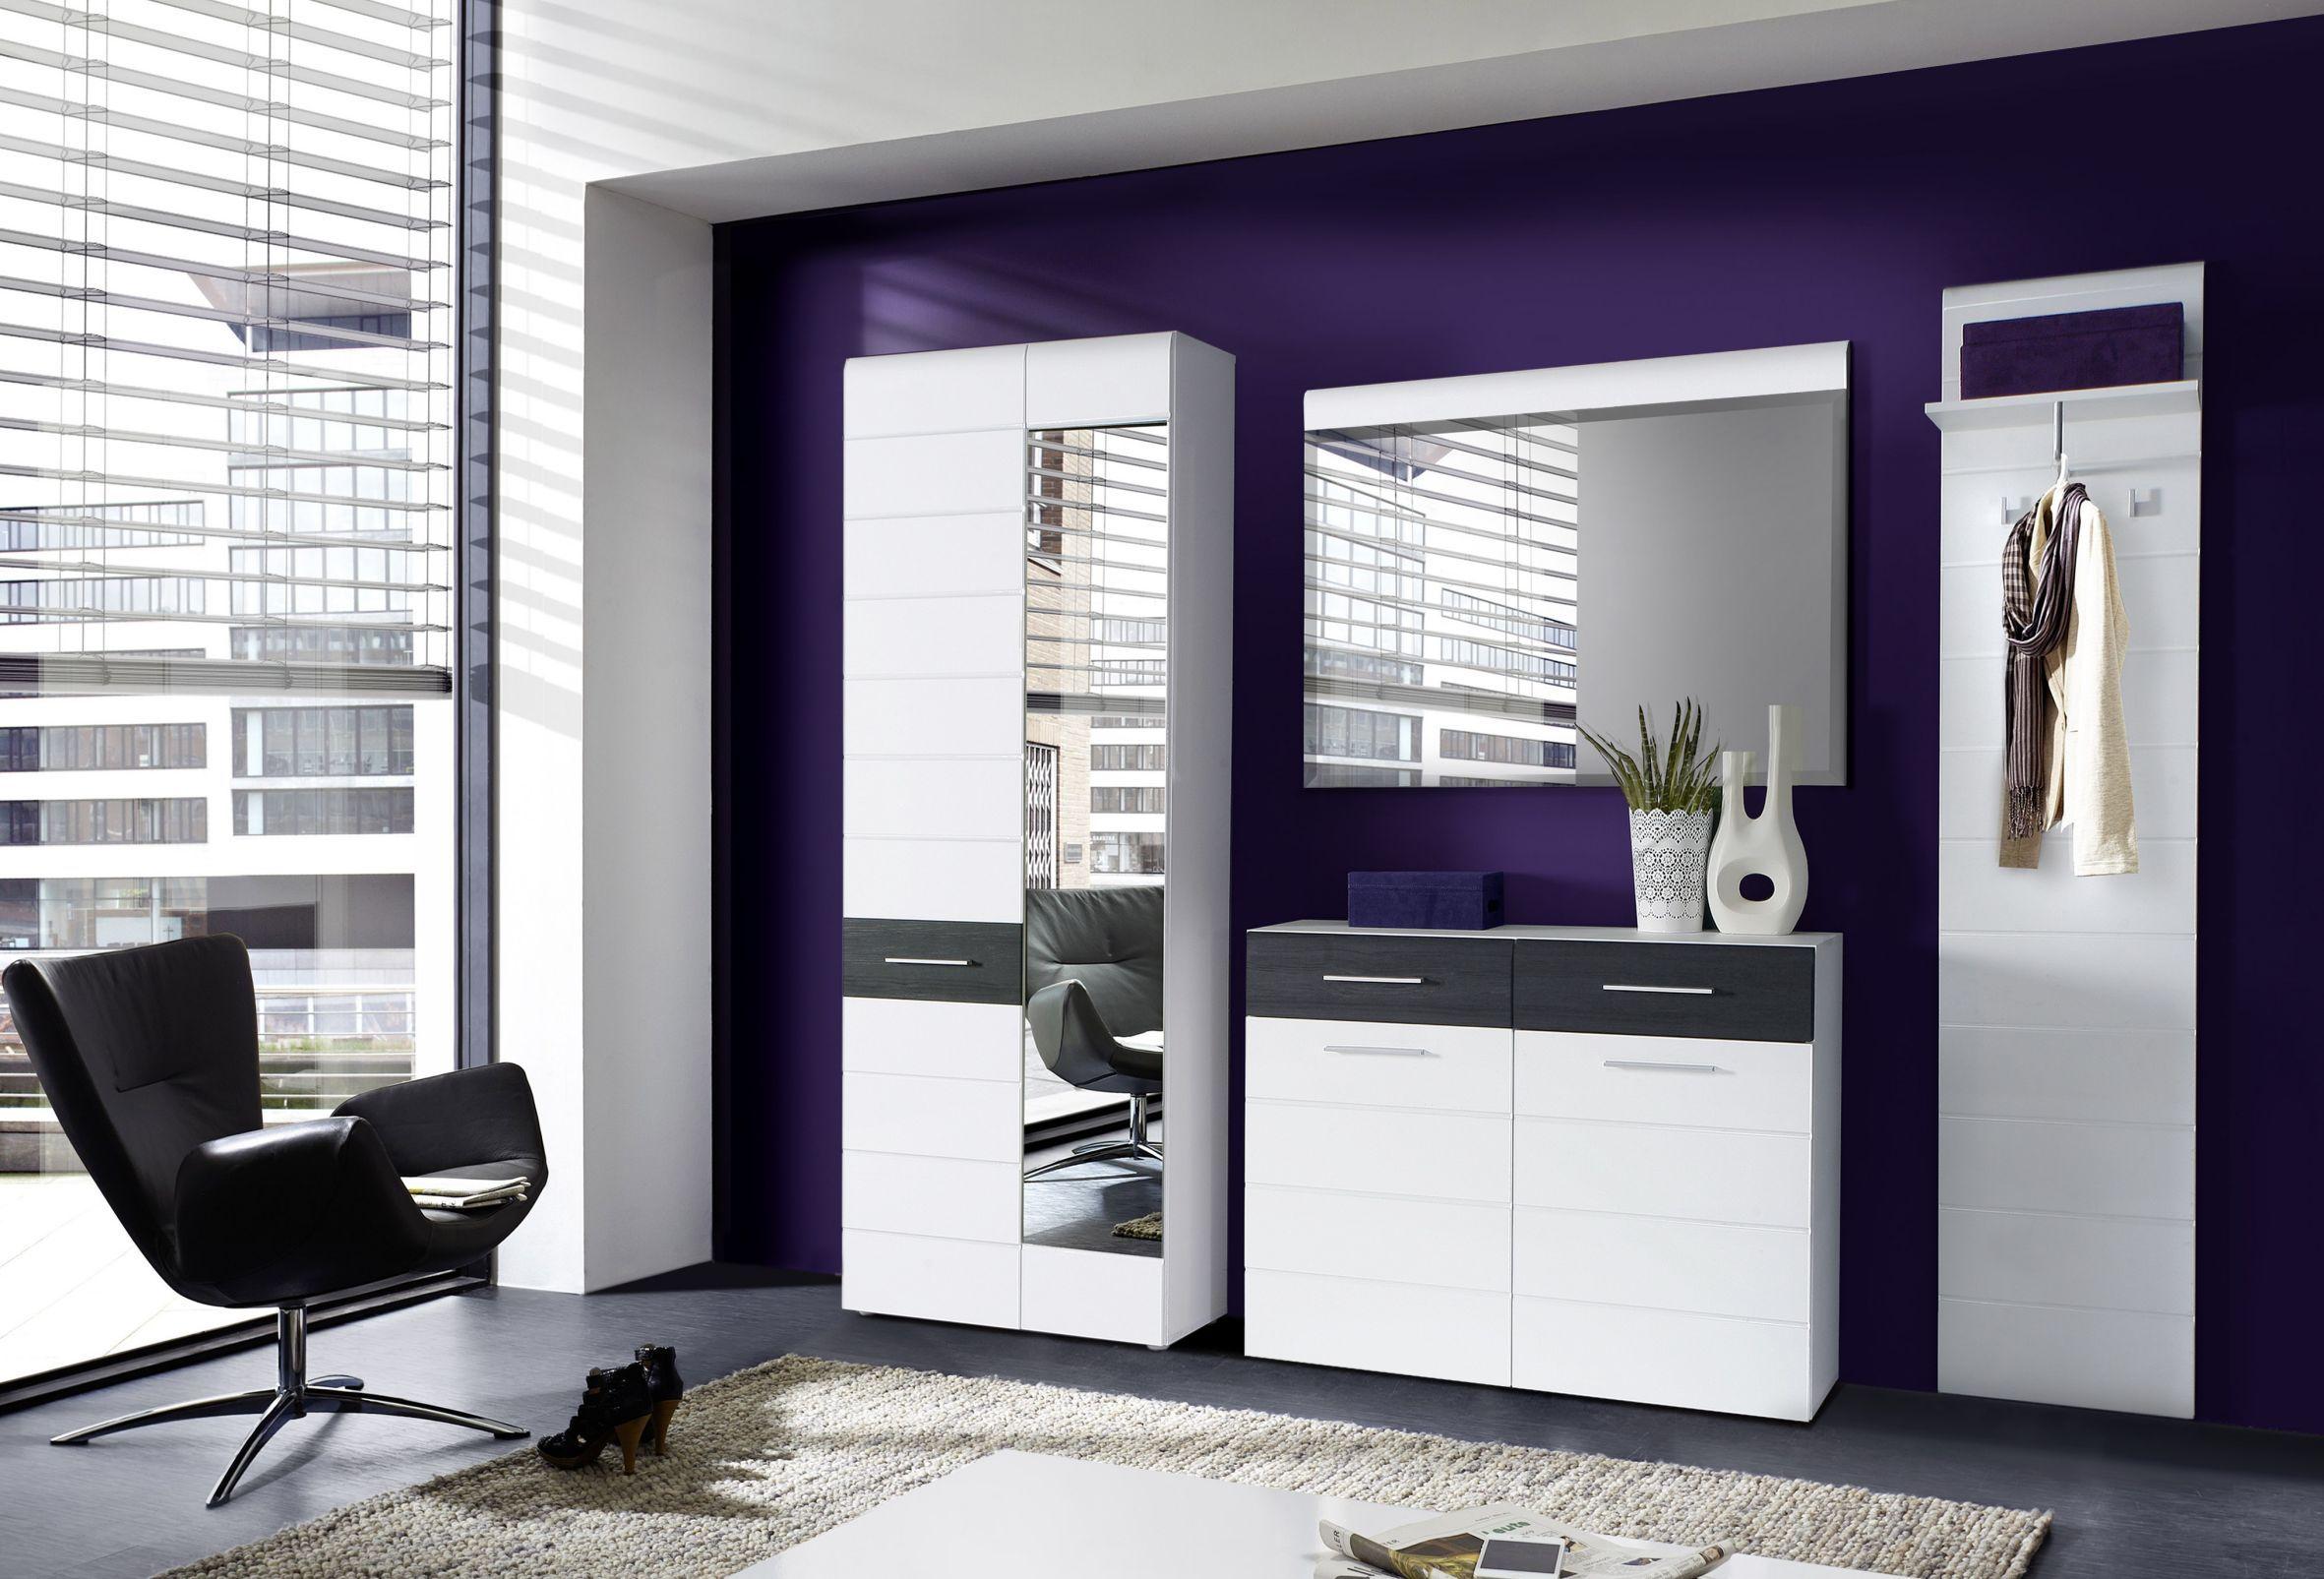 polaris garderoben set 4 tlg regenschirme handtaschen schuhe und m ntel moderne. Black Bedroom Furniture Sets. Home Design Ideas